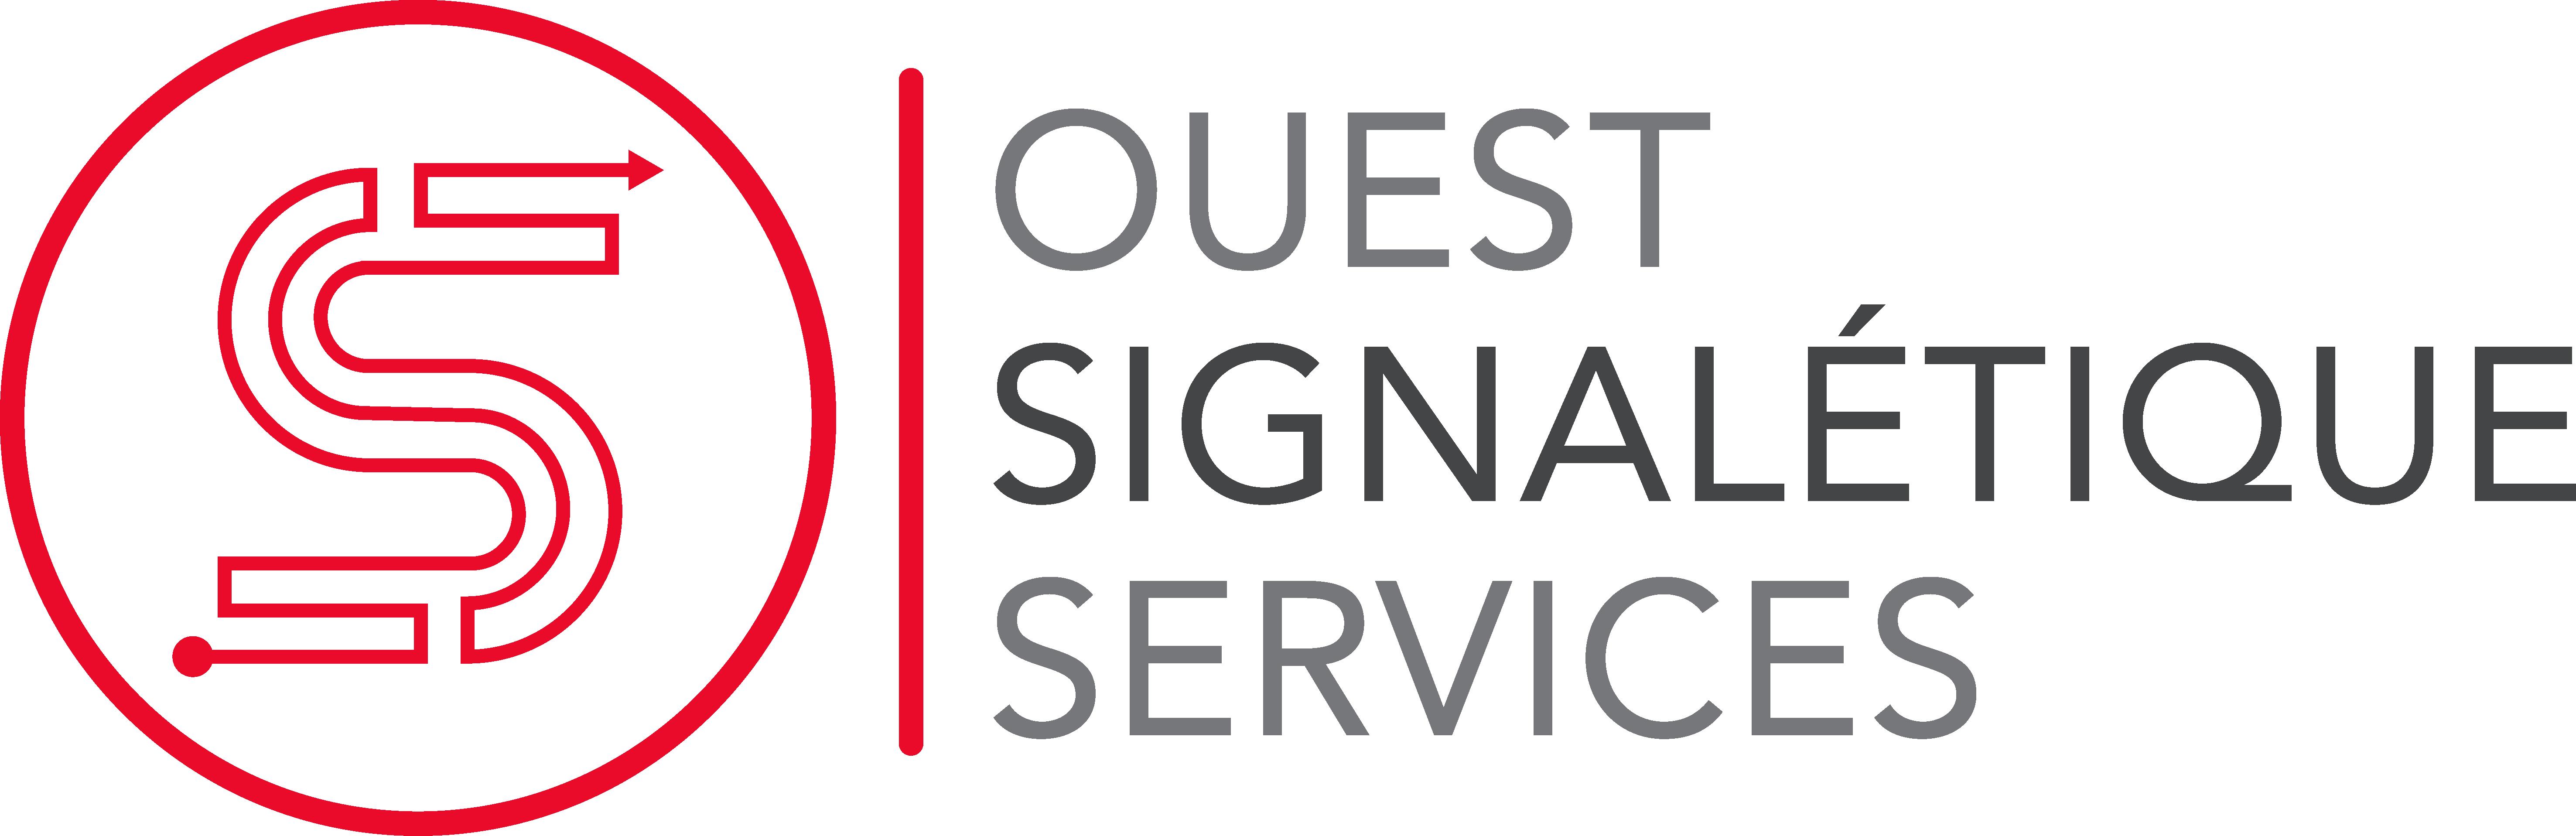 Ouest Signalétique Services